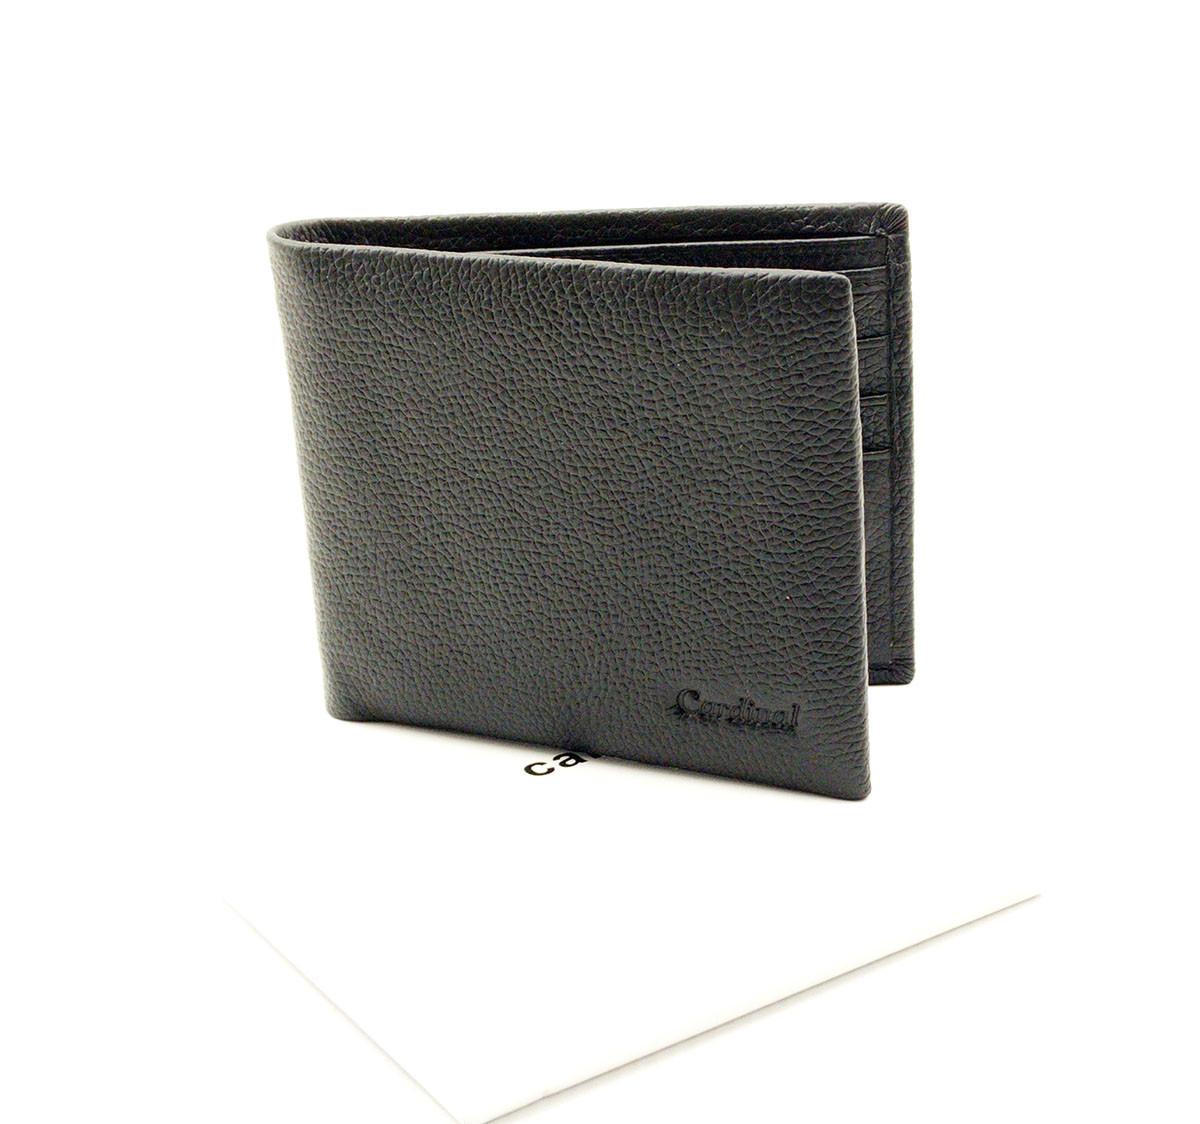 Мужской кожаный кошелек Cardinal 12,5 x 10 x 2 см Черный (k19-208c/1)